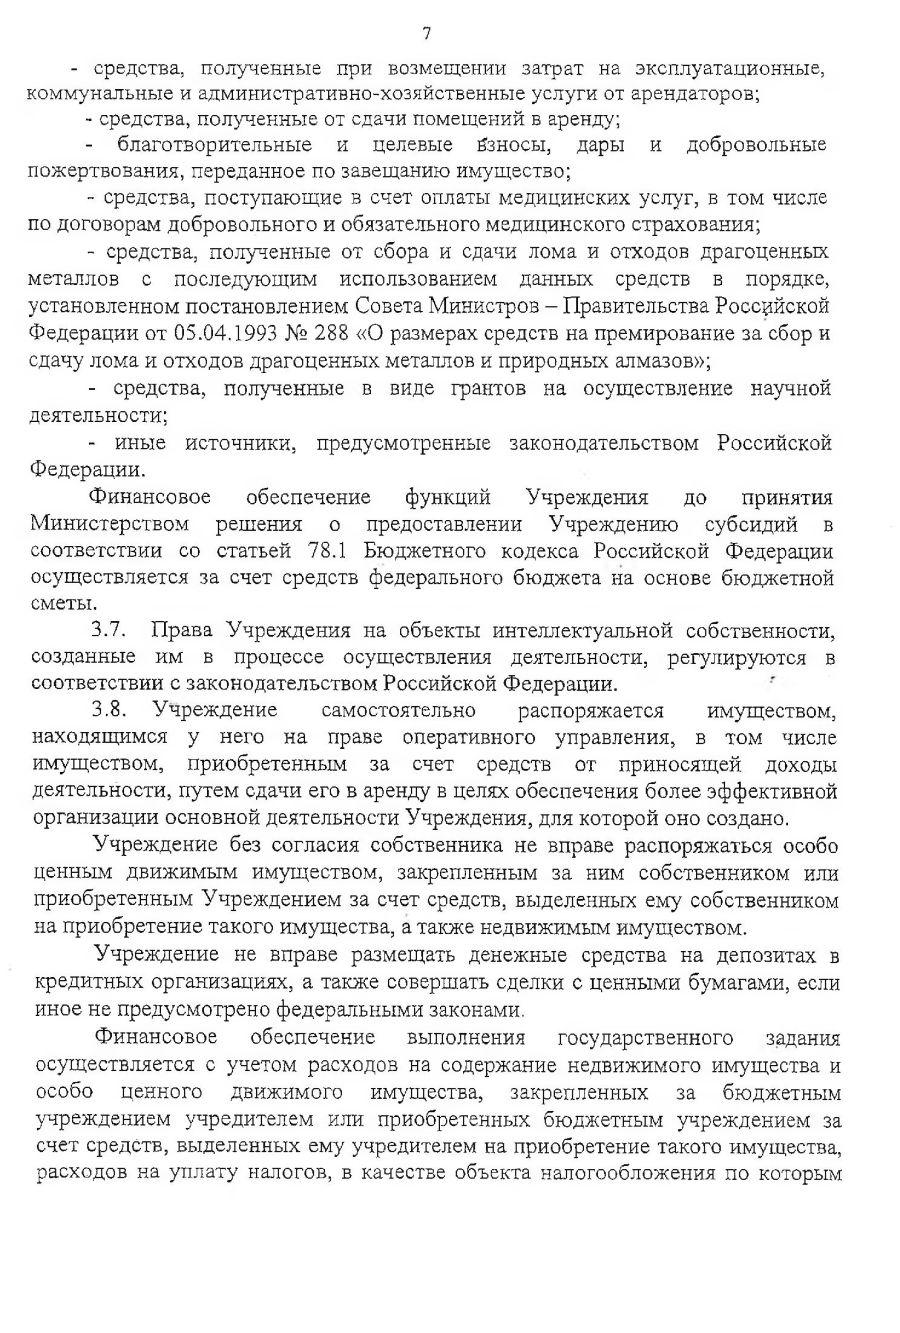 УставУчреждения_00008